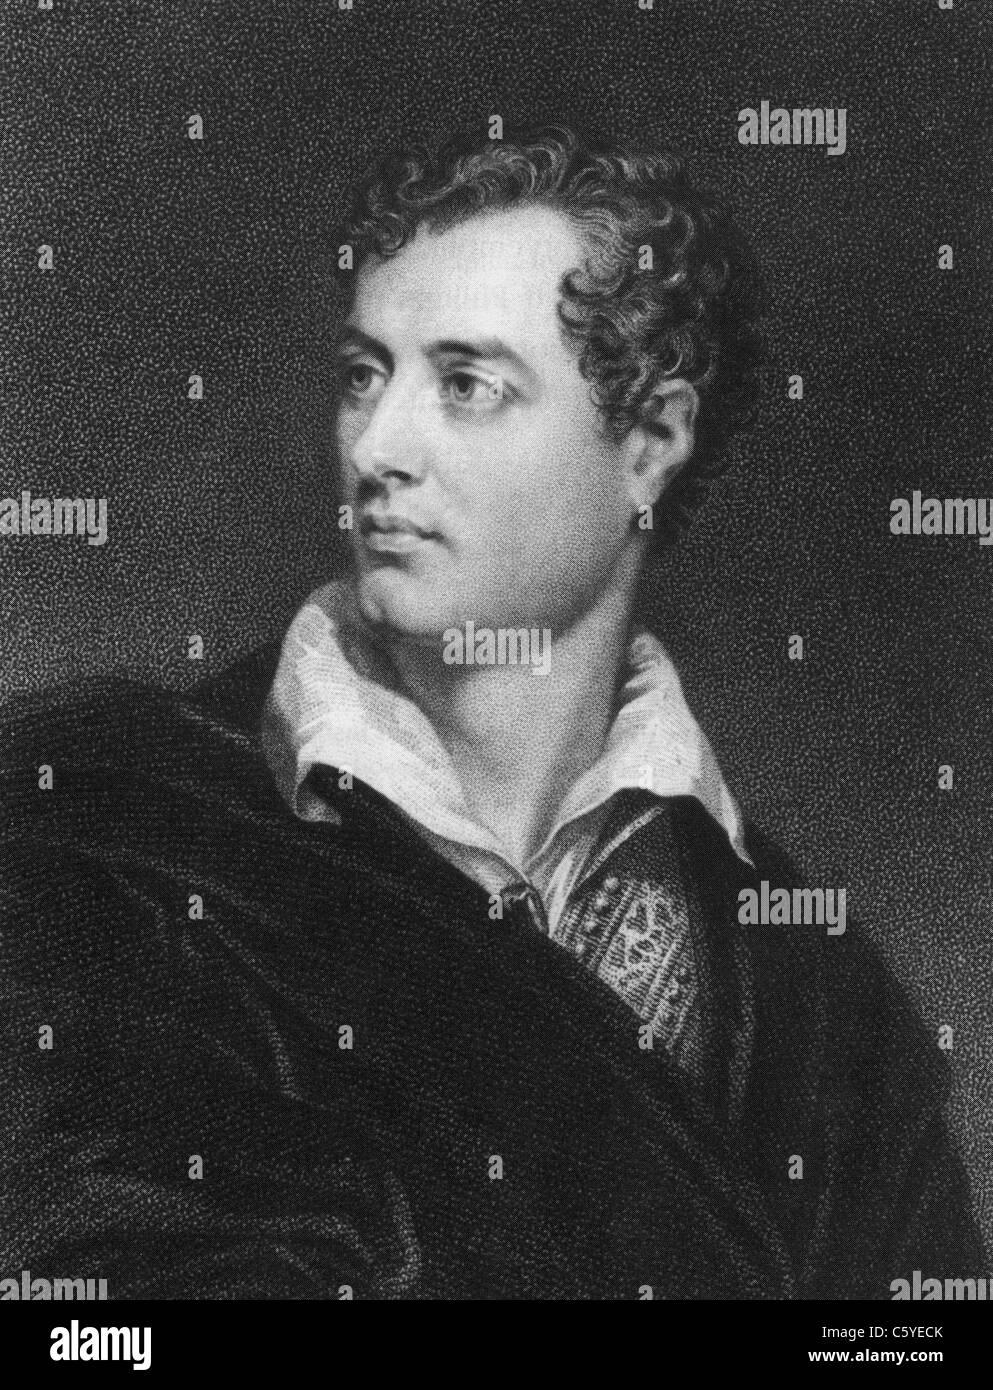 Britische Dichter LORD BYRON (1788-1824) im Jahr 1814 nach Gemälde von Thomas Phillips Stockbild